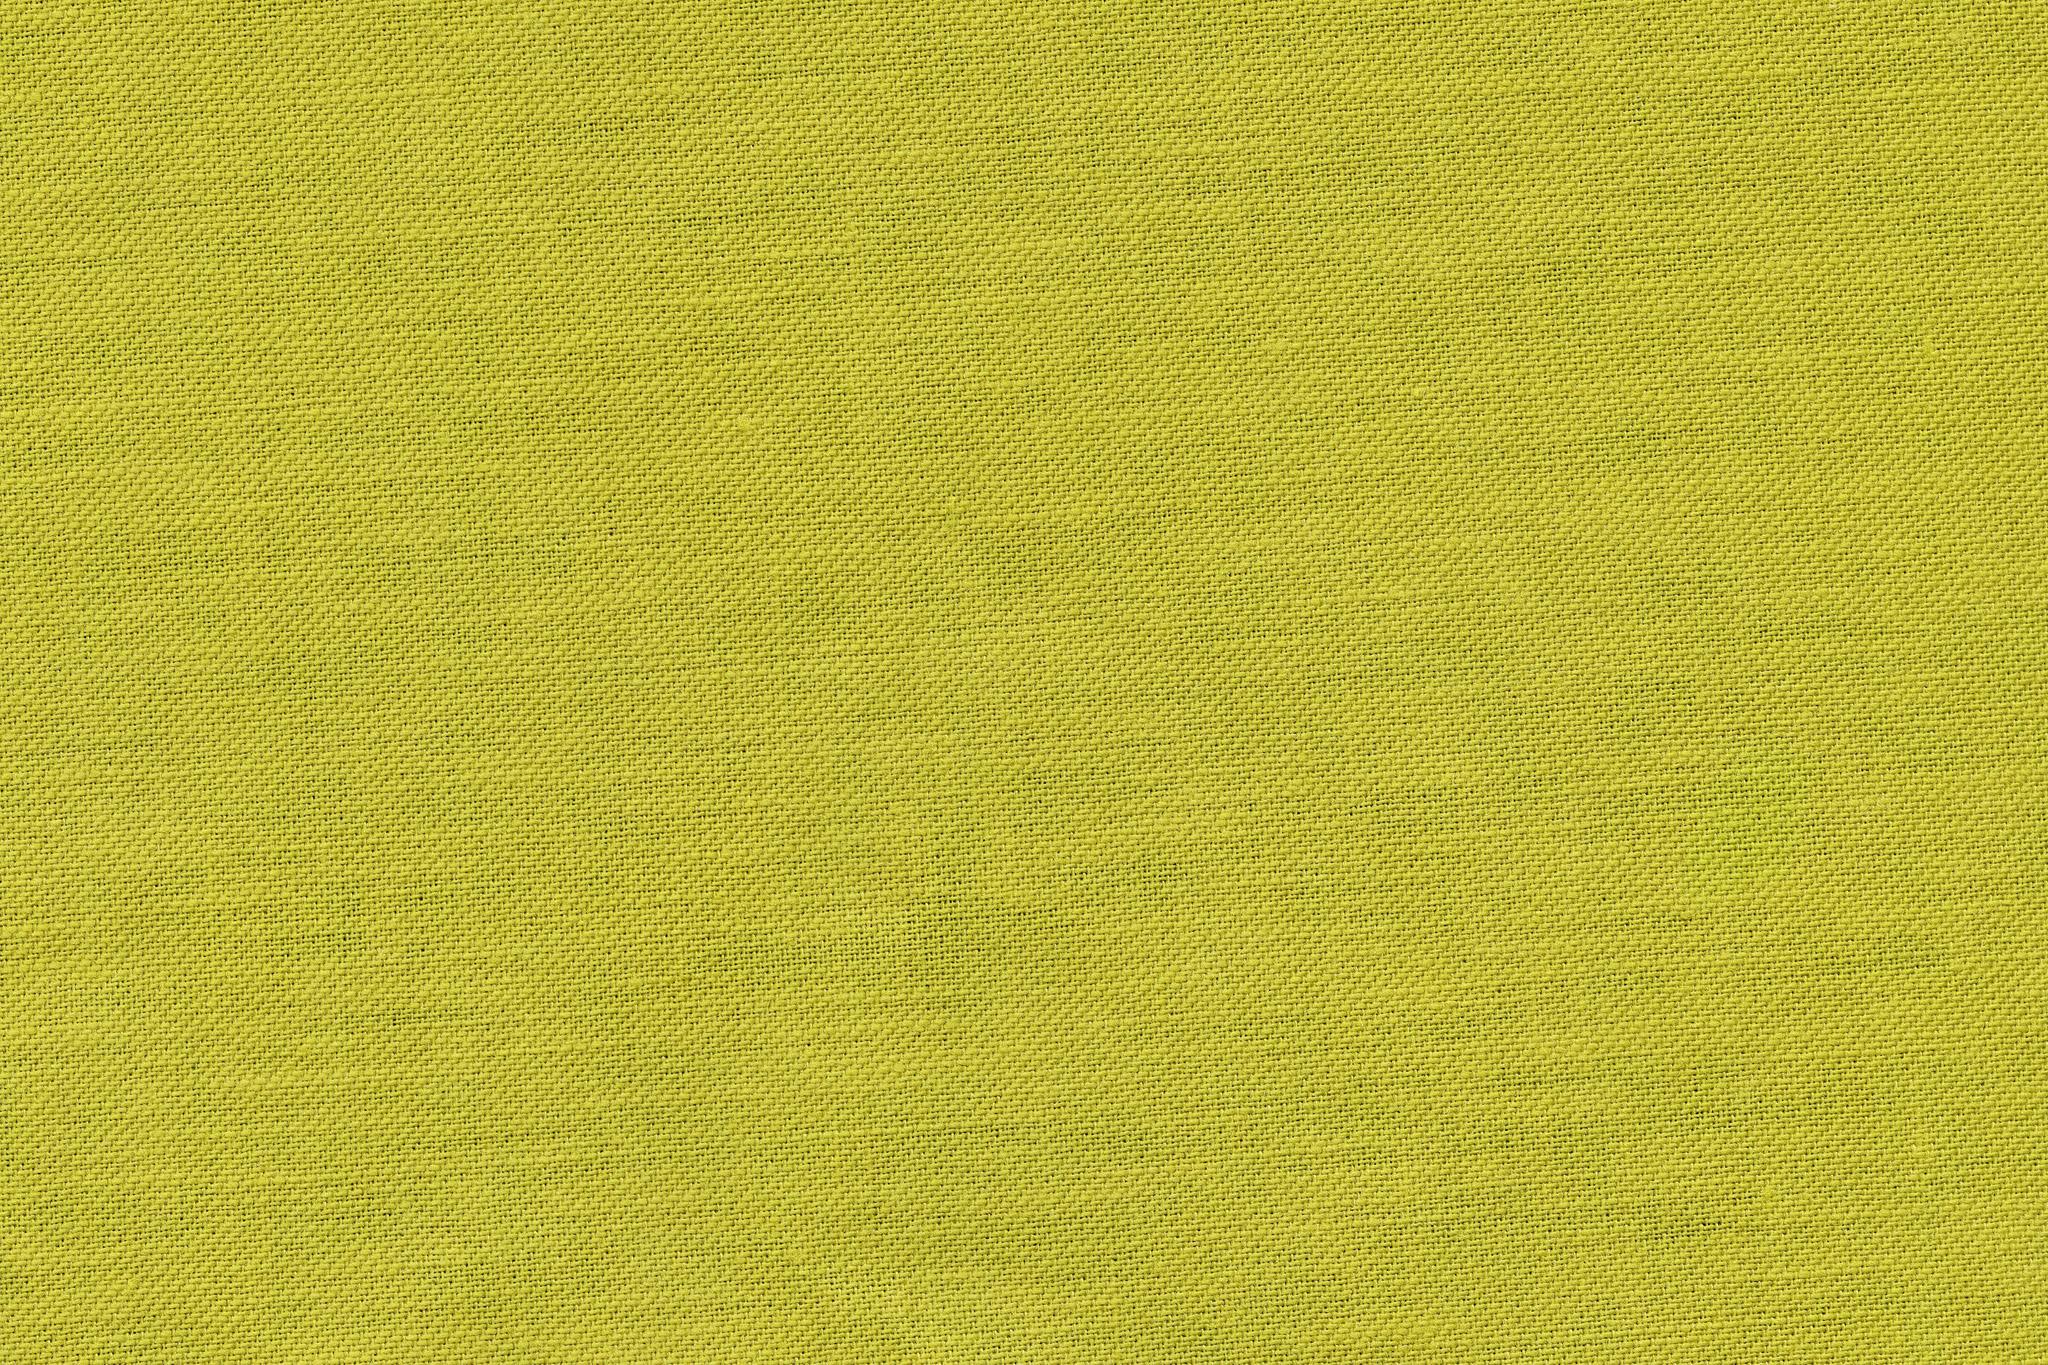 「黄緑色の綿の生地の写真」の画像を無料ダウンロード